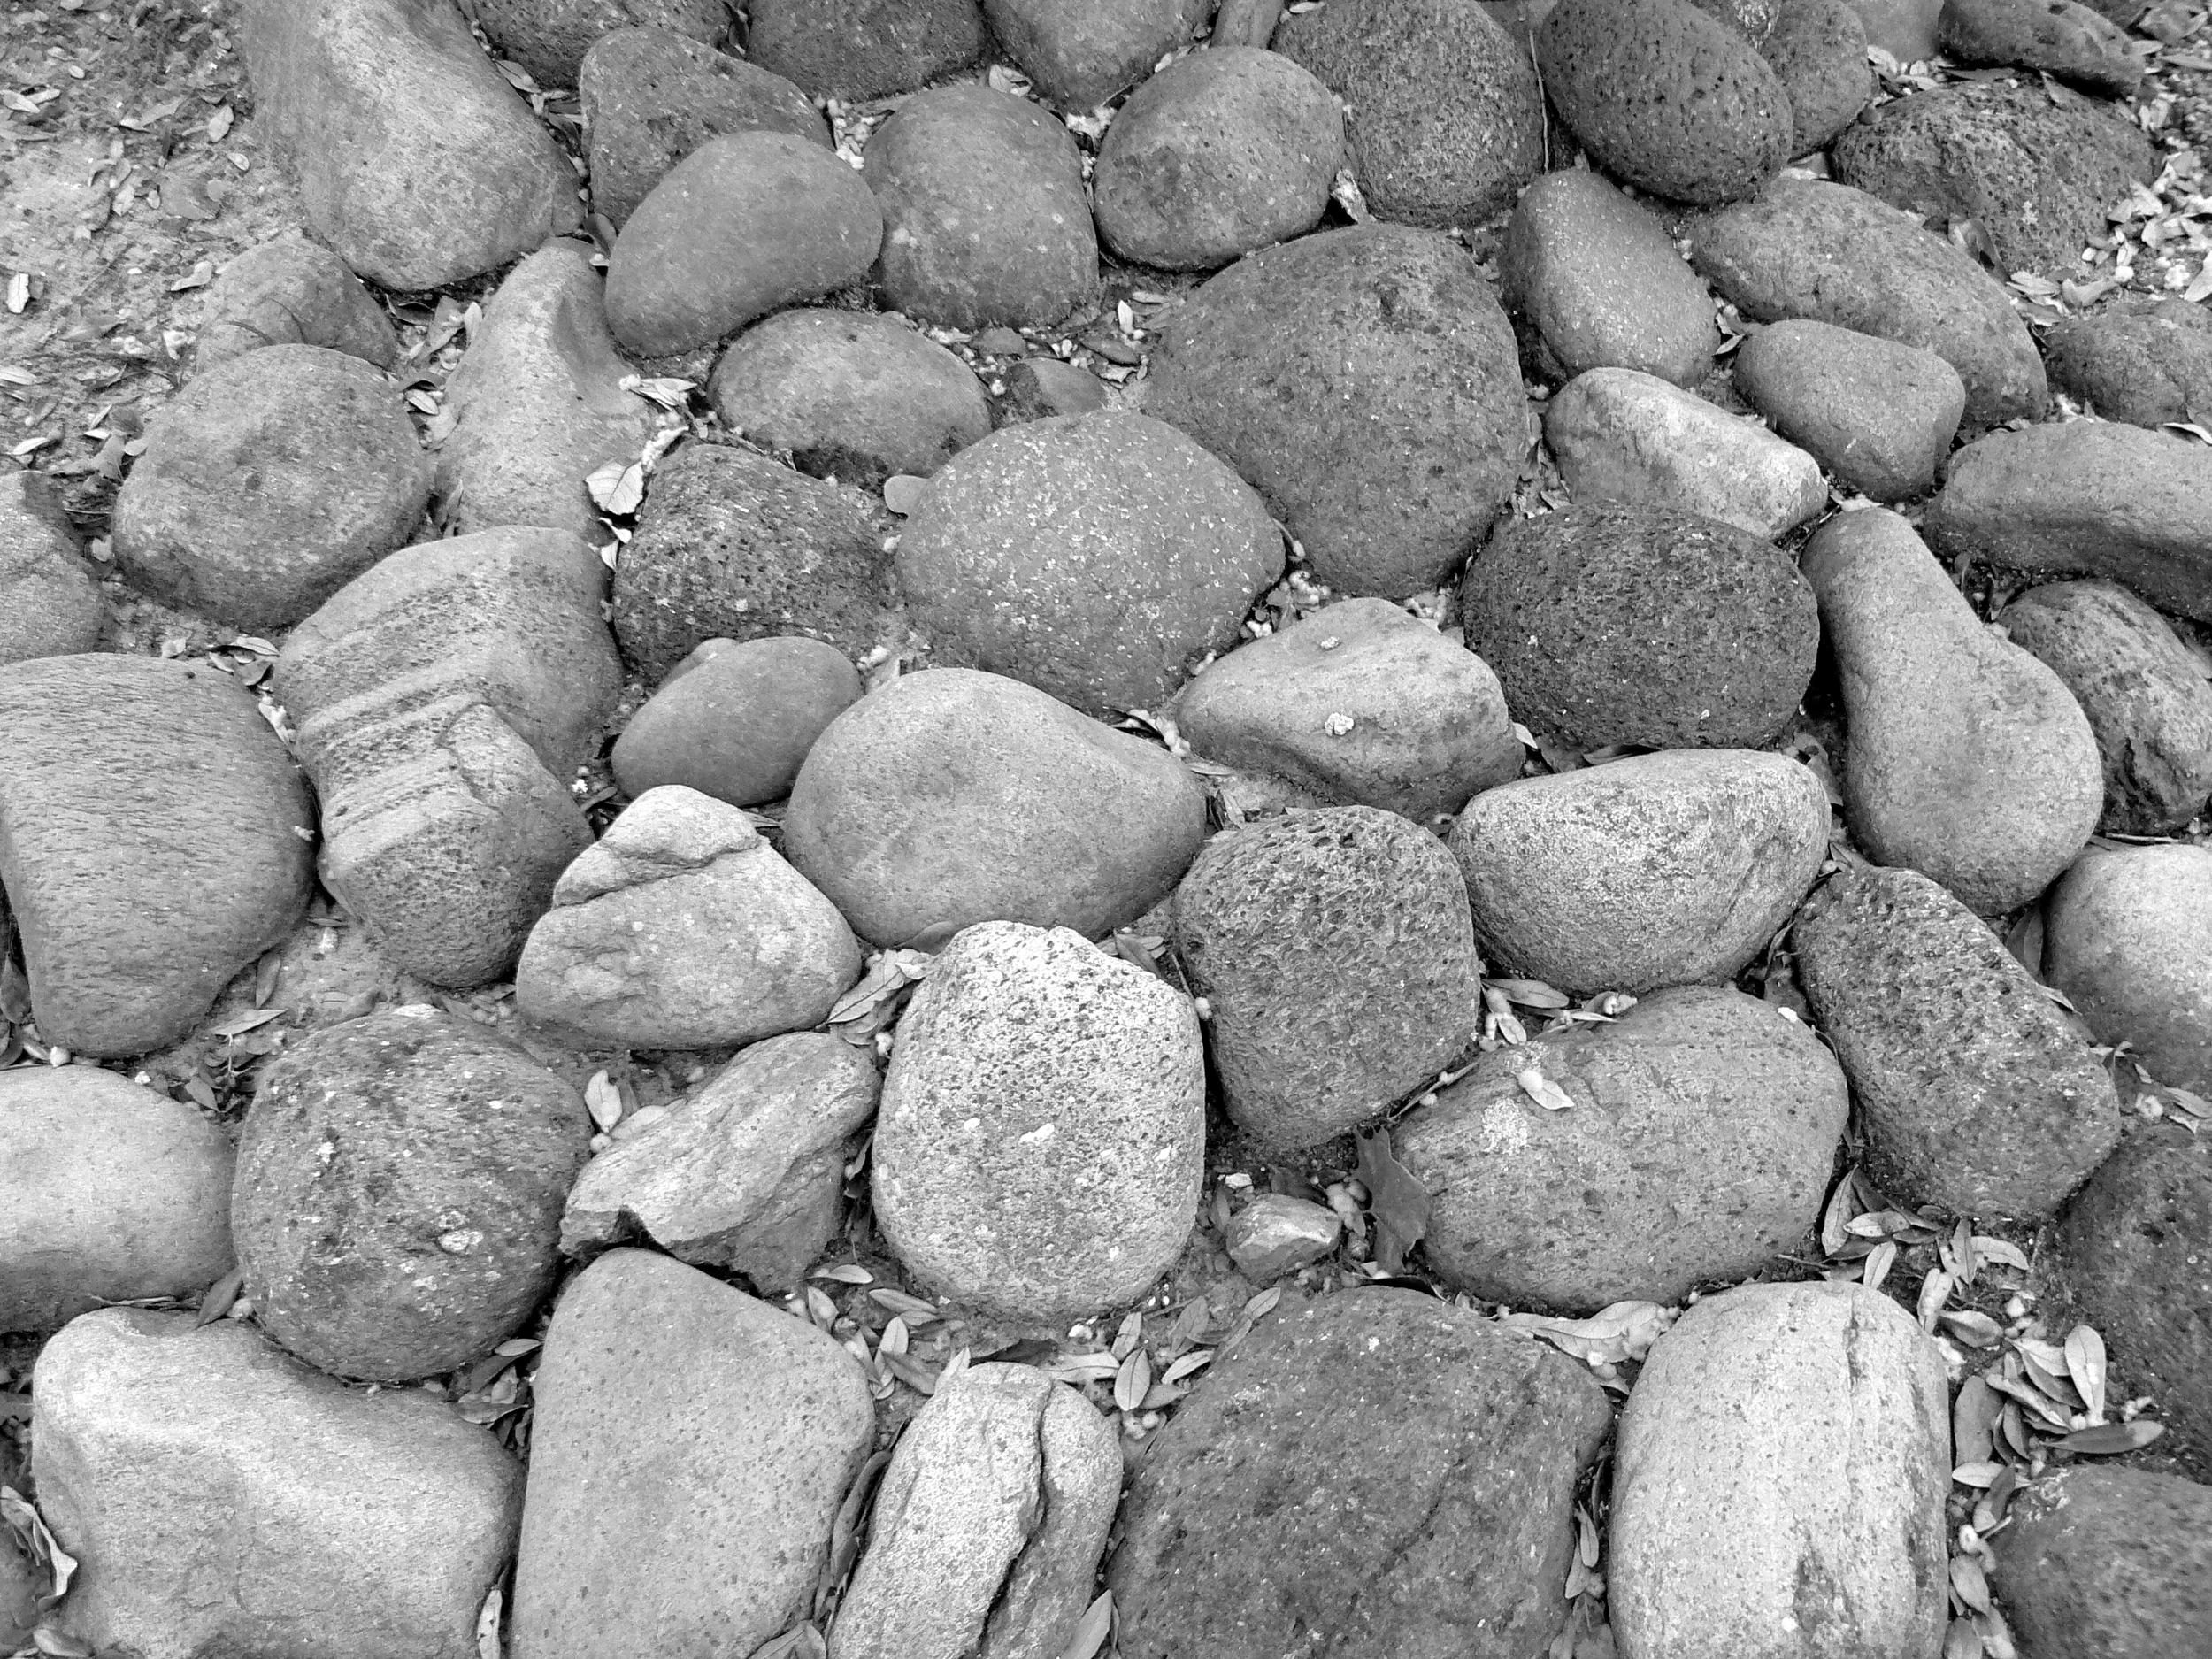 Texas Rocks